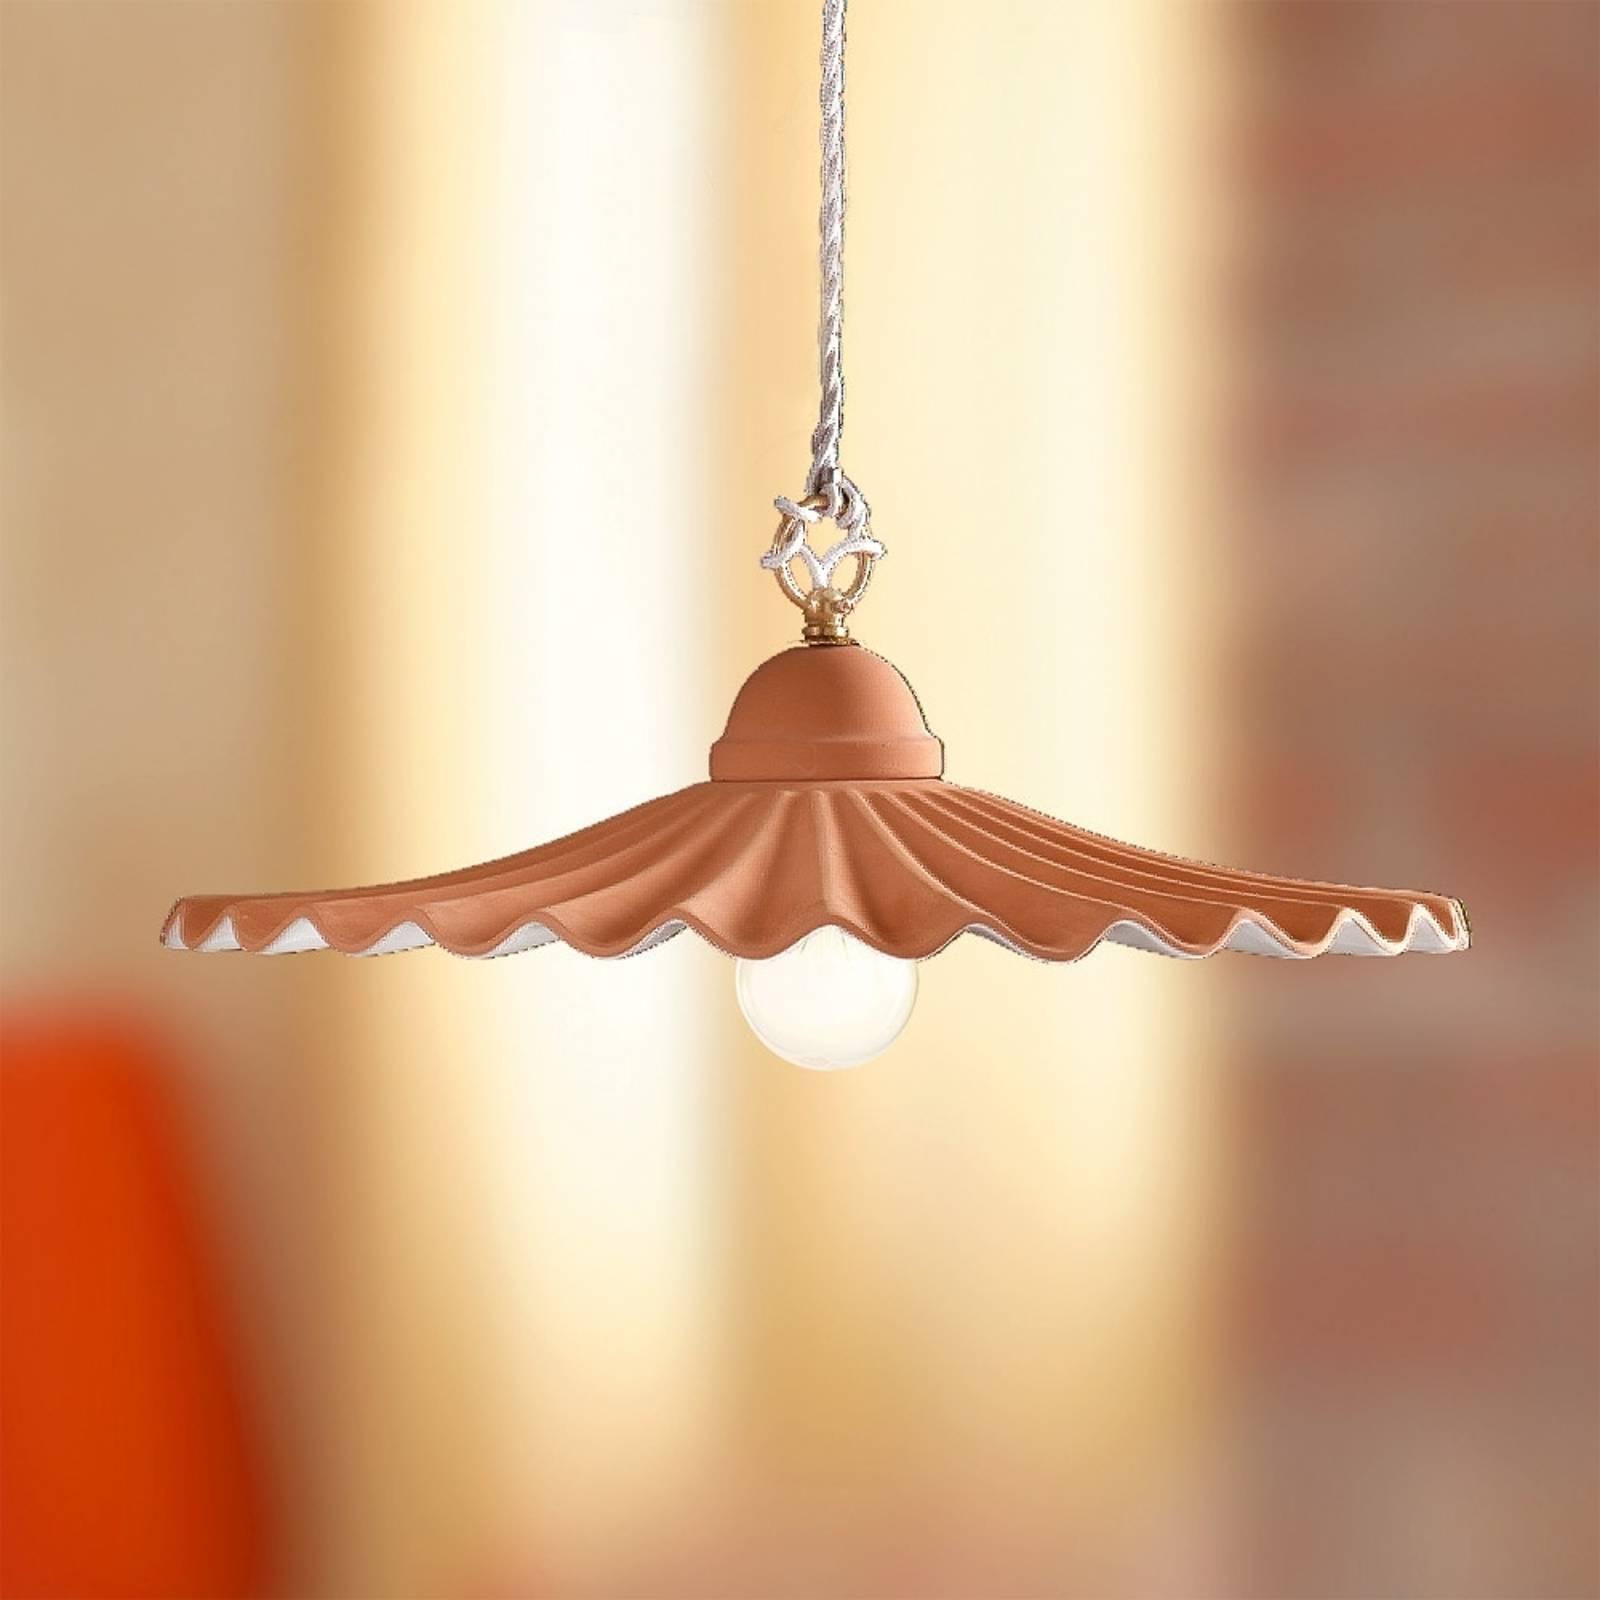 ARGILLA-riippuvalaisin country-tyyliä 43 cm